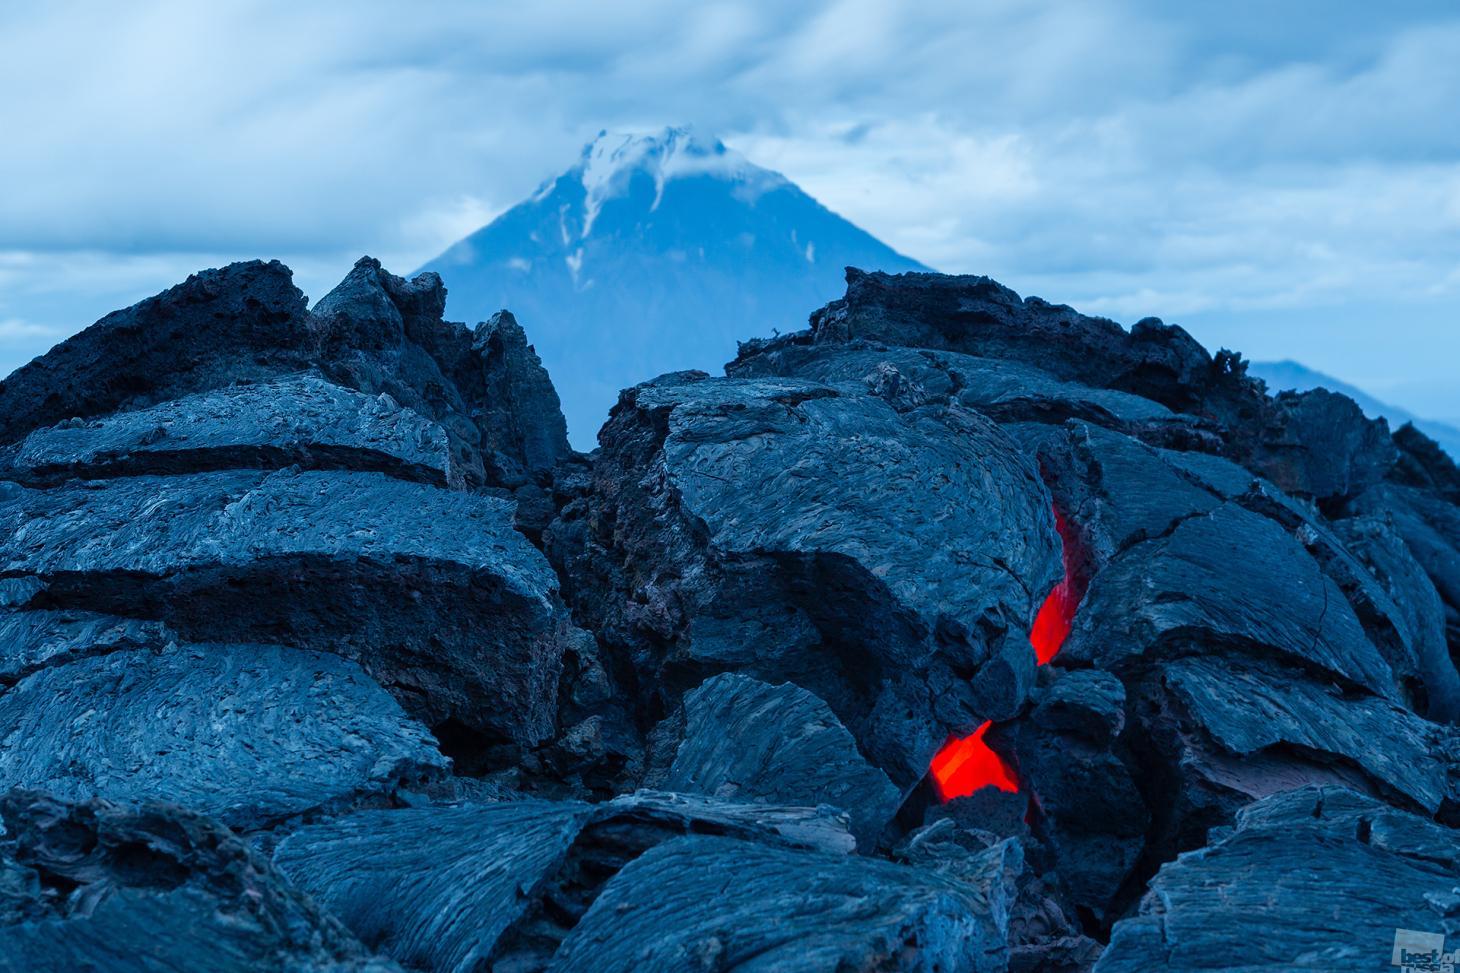 15/15. Posljednji izdah Tolbačika. Ova vulkanska erupcija se završila prije godinu dana, ali lava je i dalje živa.